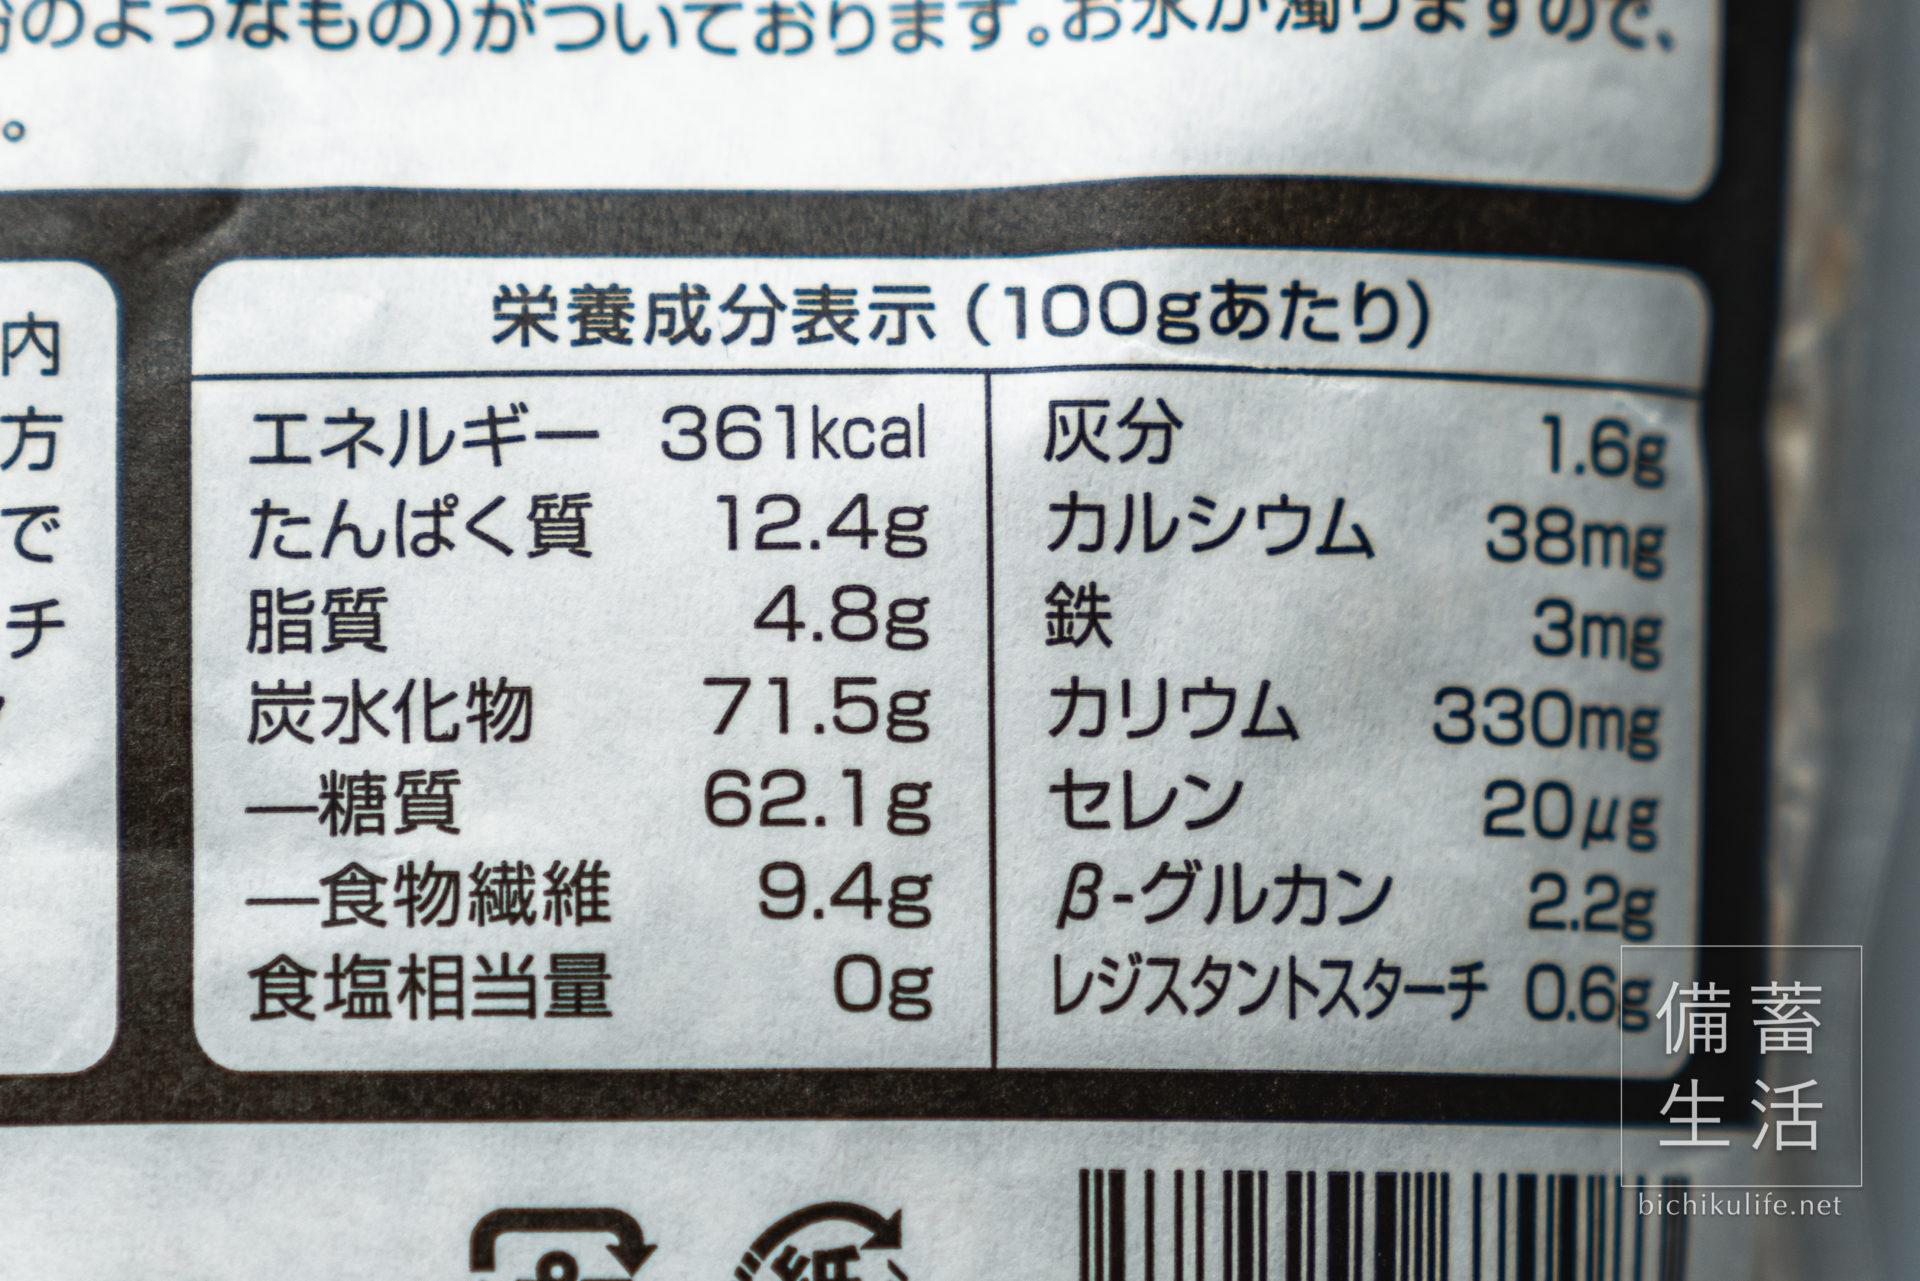 スーパーオーツ麦の栄養成分表示